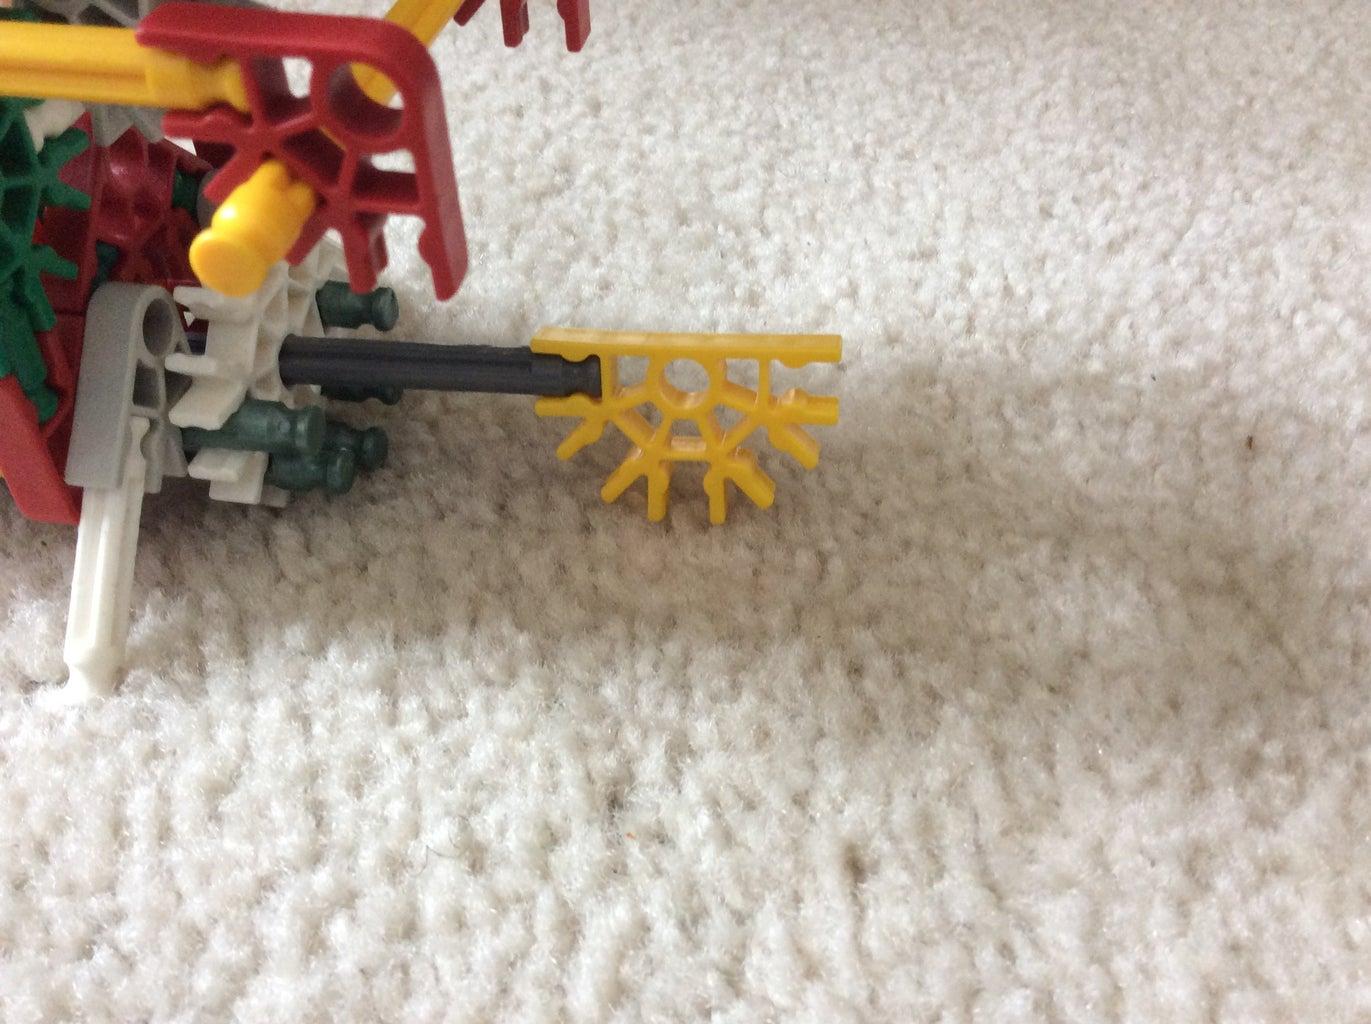 Firing Mechanism